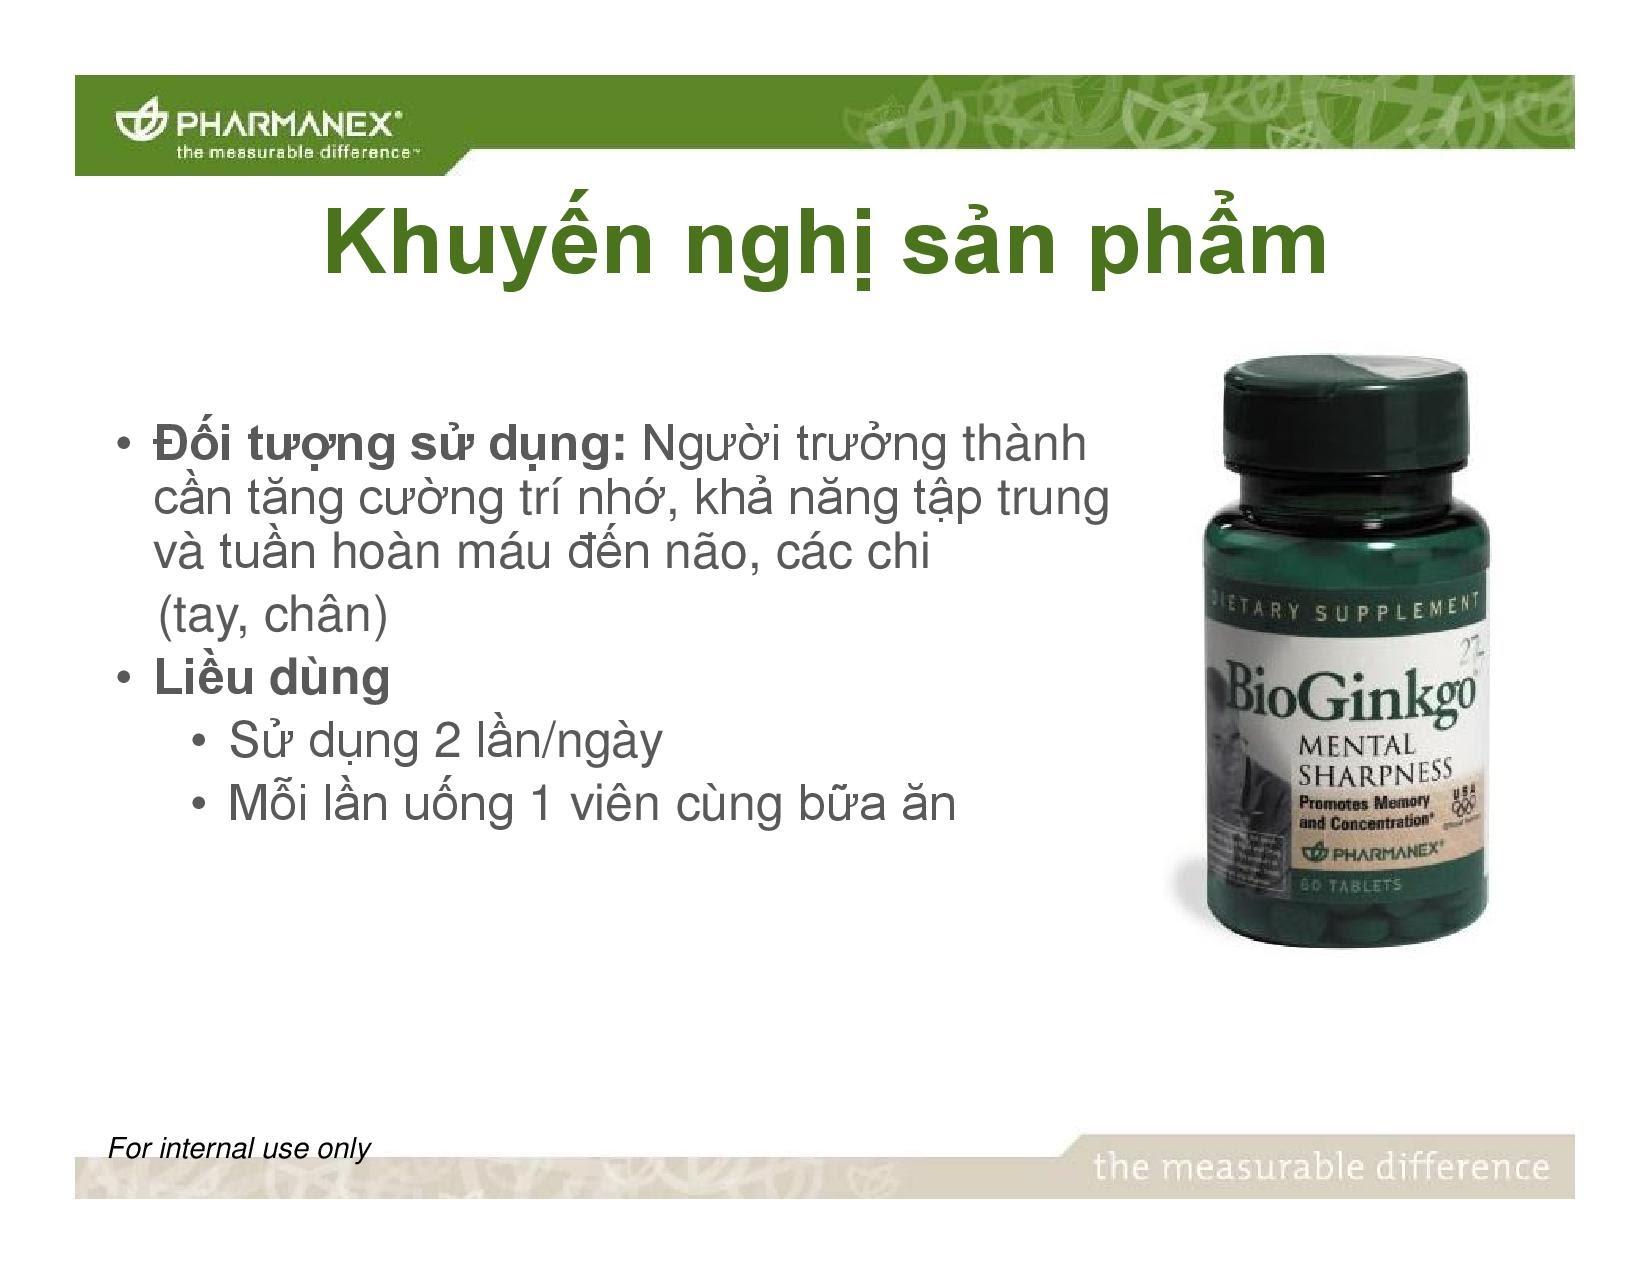 Thực phẩm bảo vệ sức khỏe BIOGINKGO 5